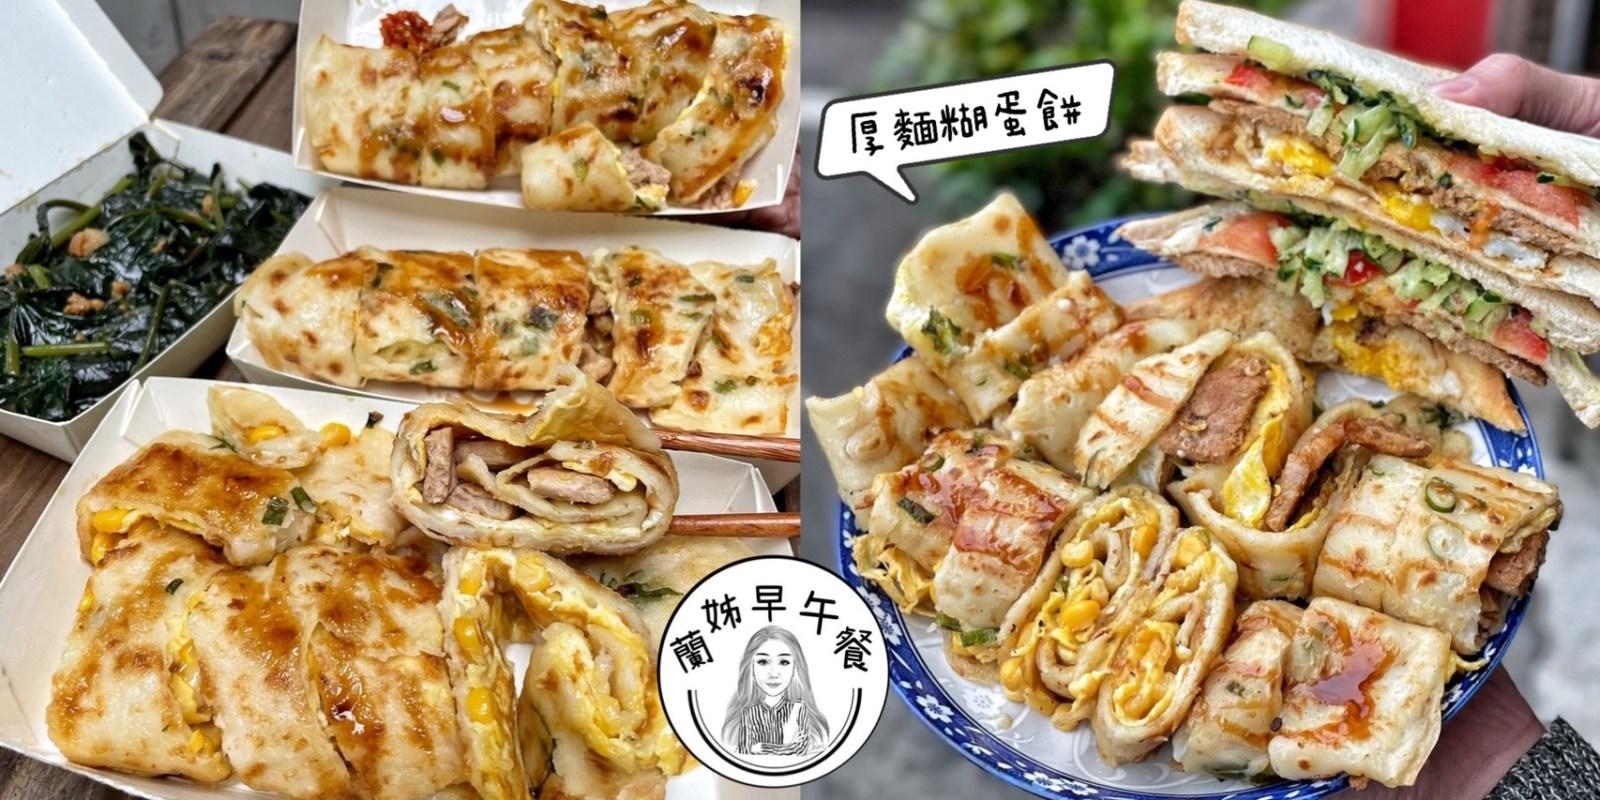 【苗栗美食】頭份中華路上這間『蘭姐早午餐』賣起了厚麵糊蛋餅!好吃便宜且大份量,讓我一試成主顧!